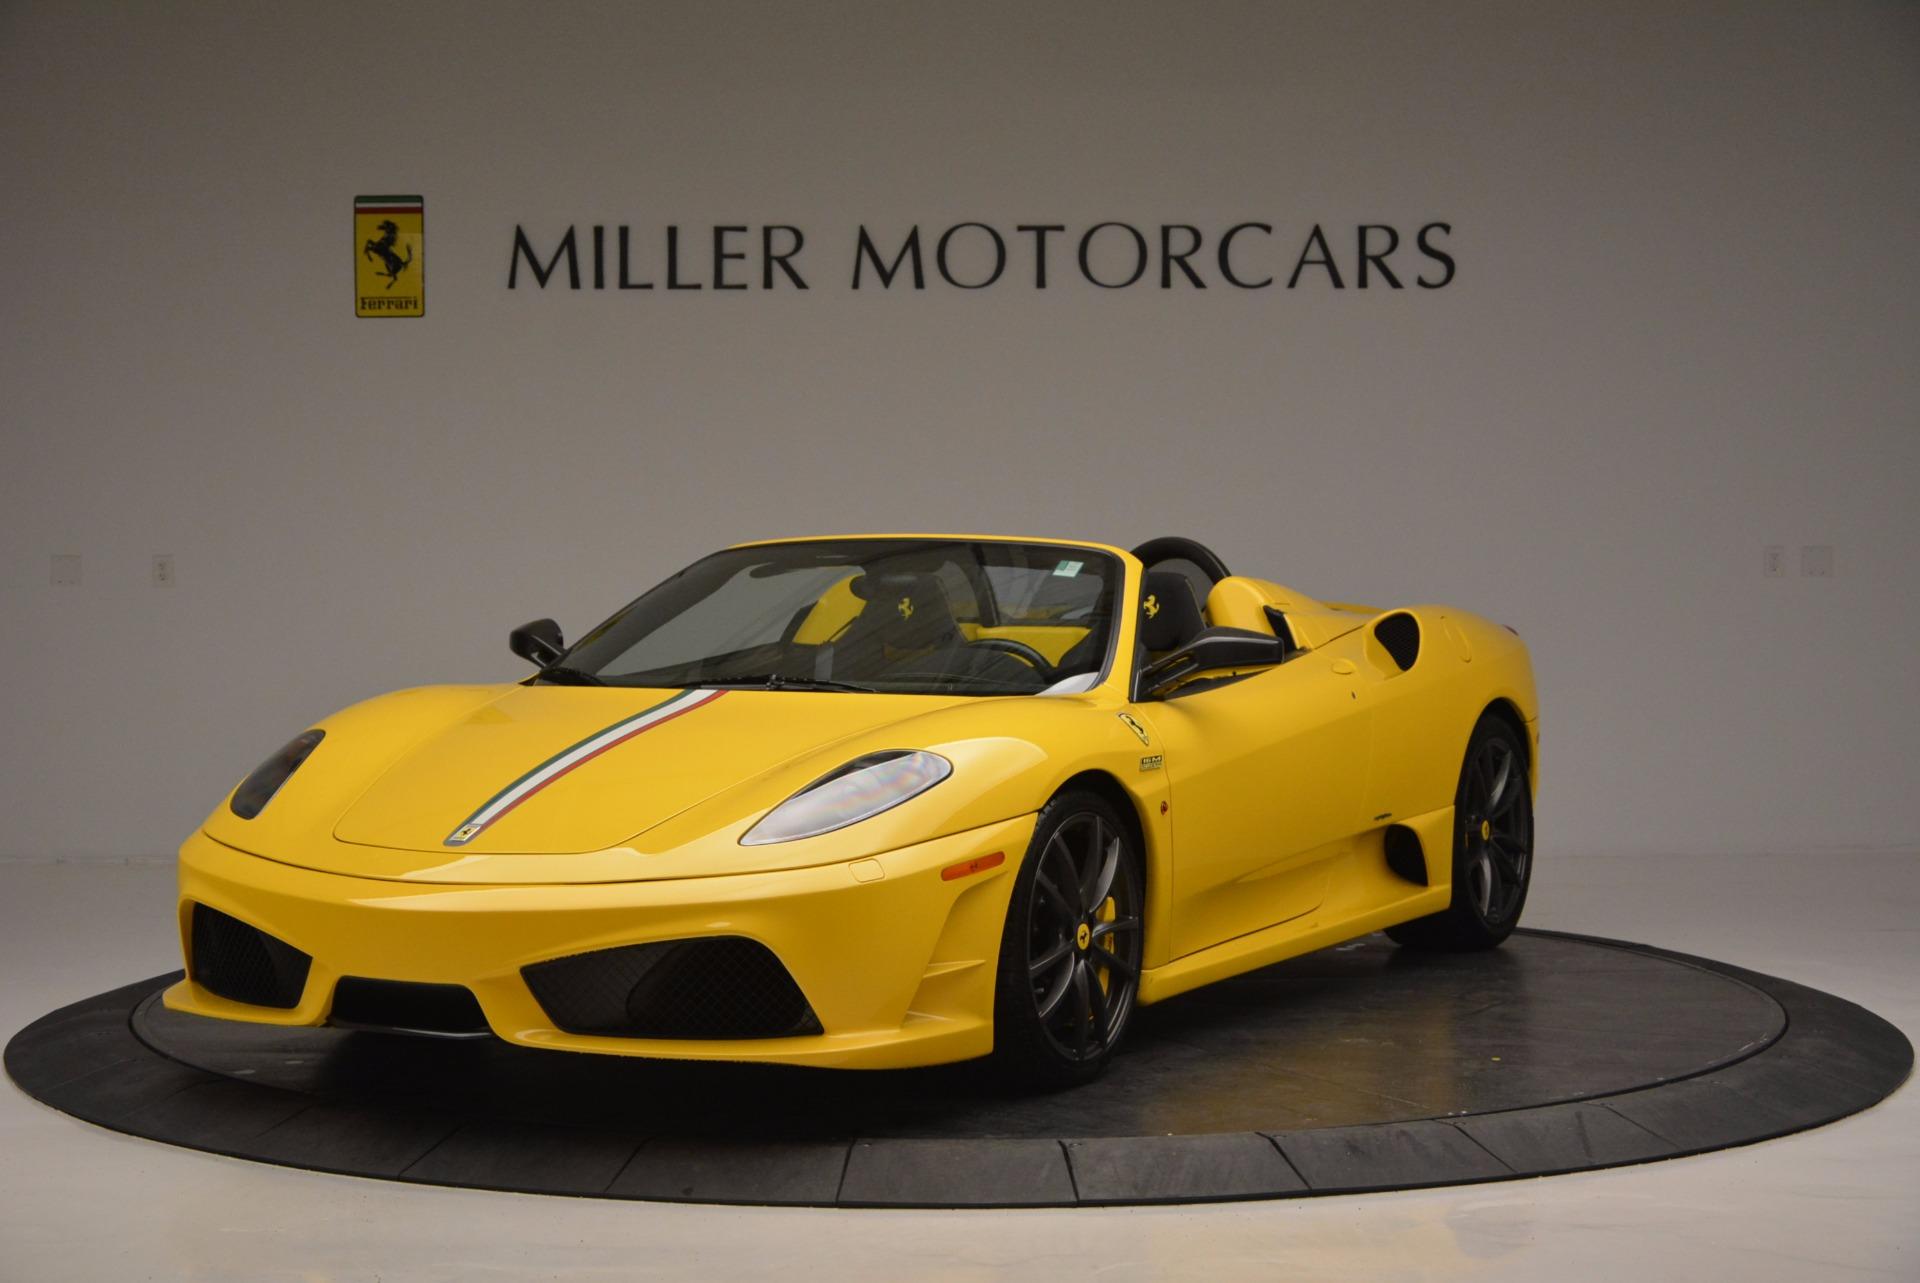 Used 2009 Ferrari F430 Scuderia 16M For Sale In Greenwich, CT. Alfa Romeo of Greenwich, 4369 856_main